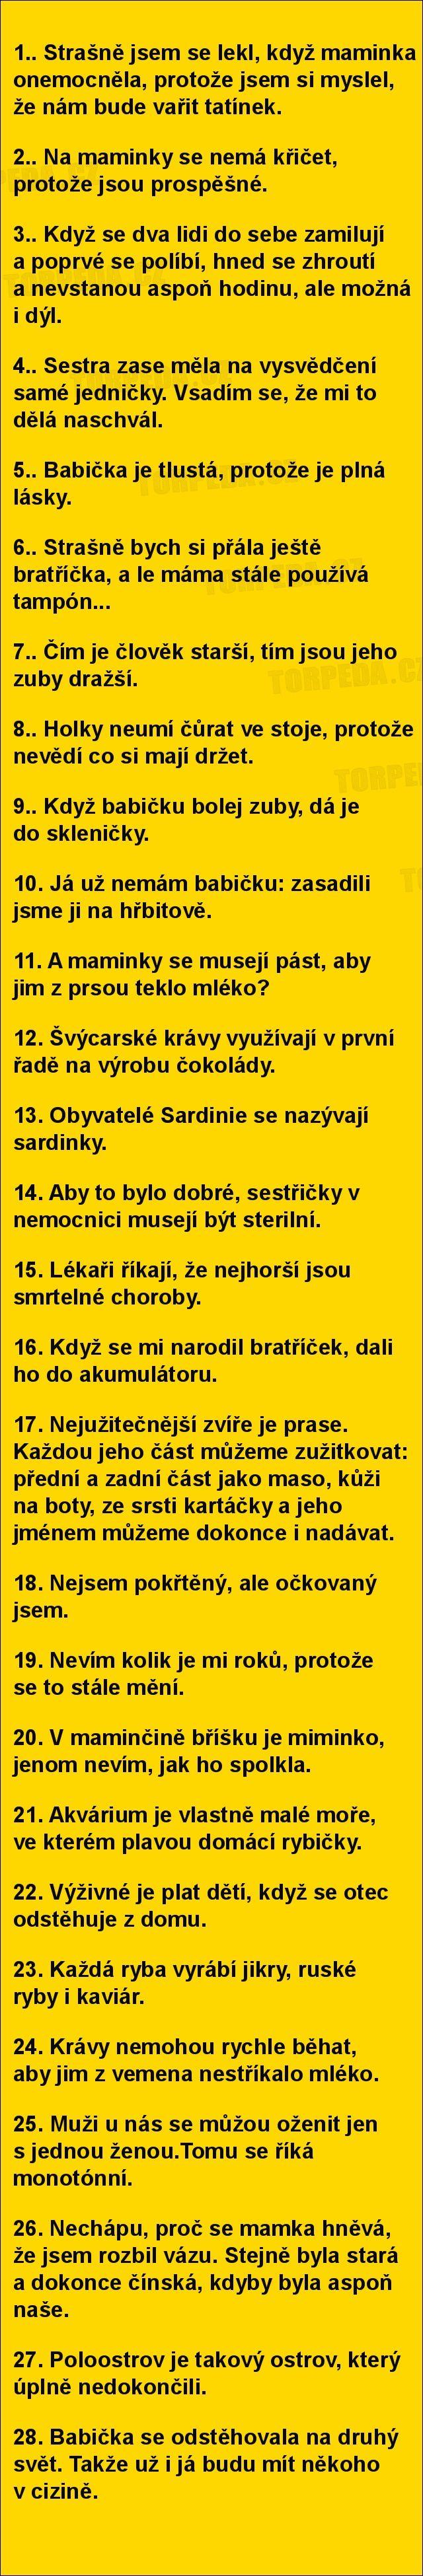 Výroky dětí jsou lepší než vtipy... | torpeda.cz - vtipné obrázky, vtipy a videa